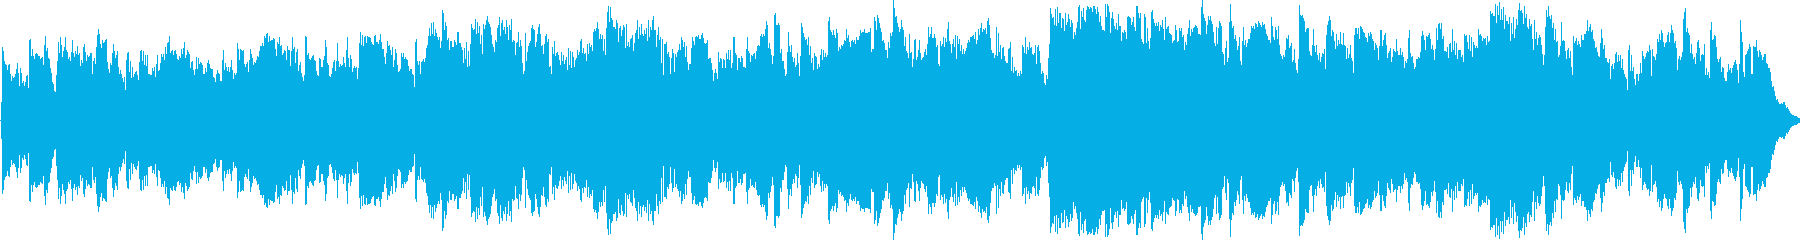 アコギとピアノの幻想的なBGMの再生済みの波形